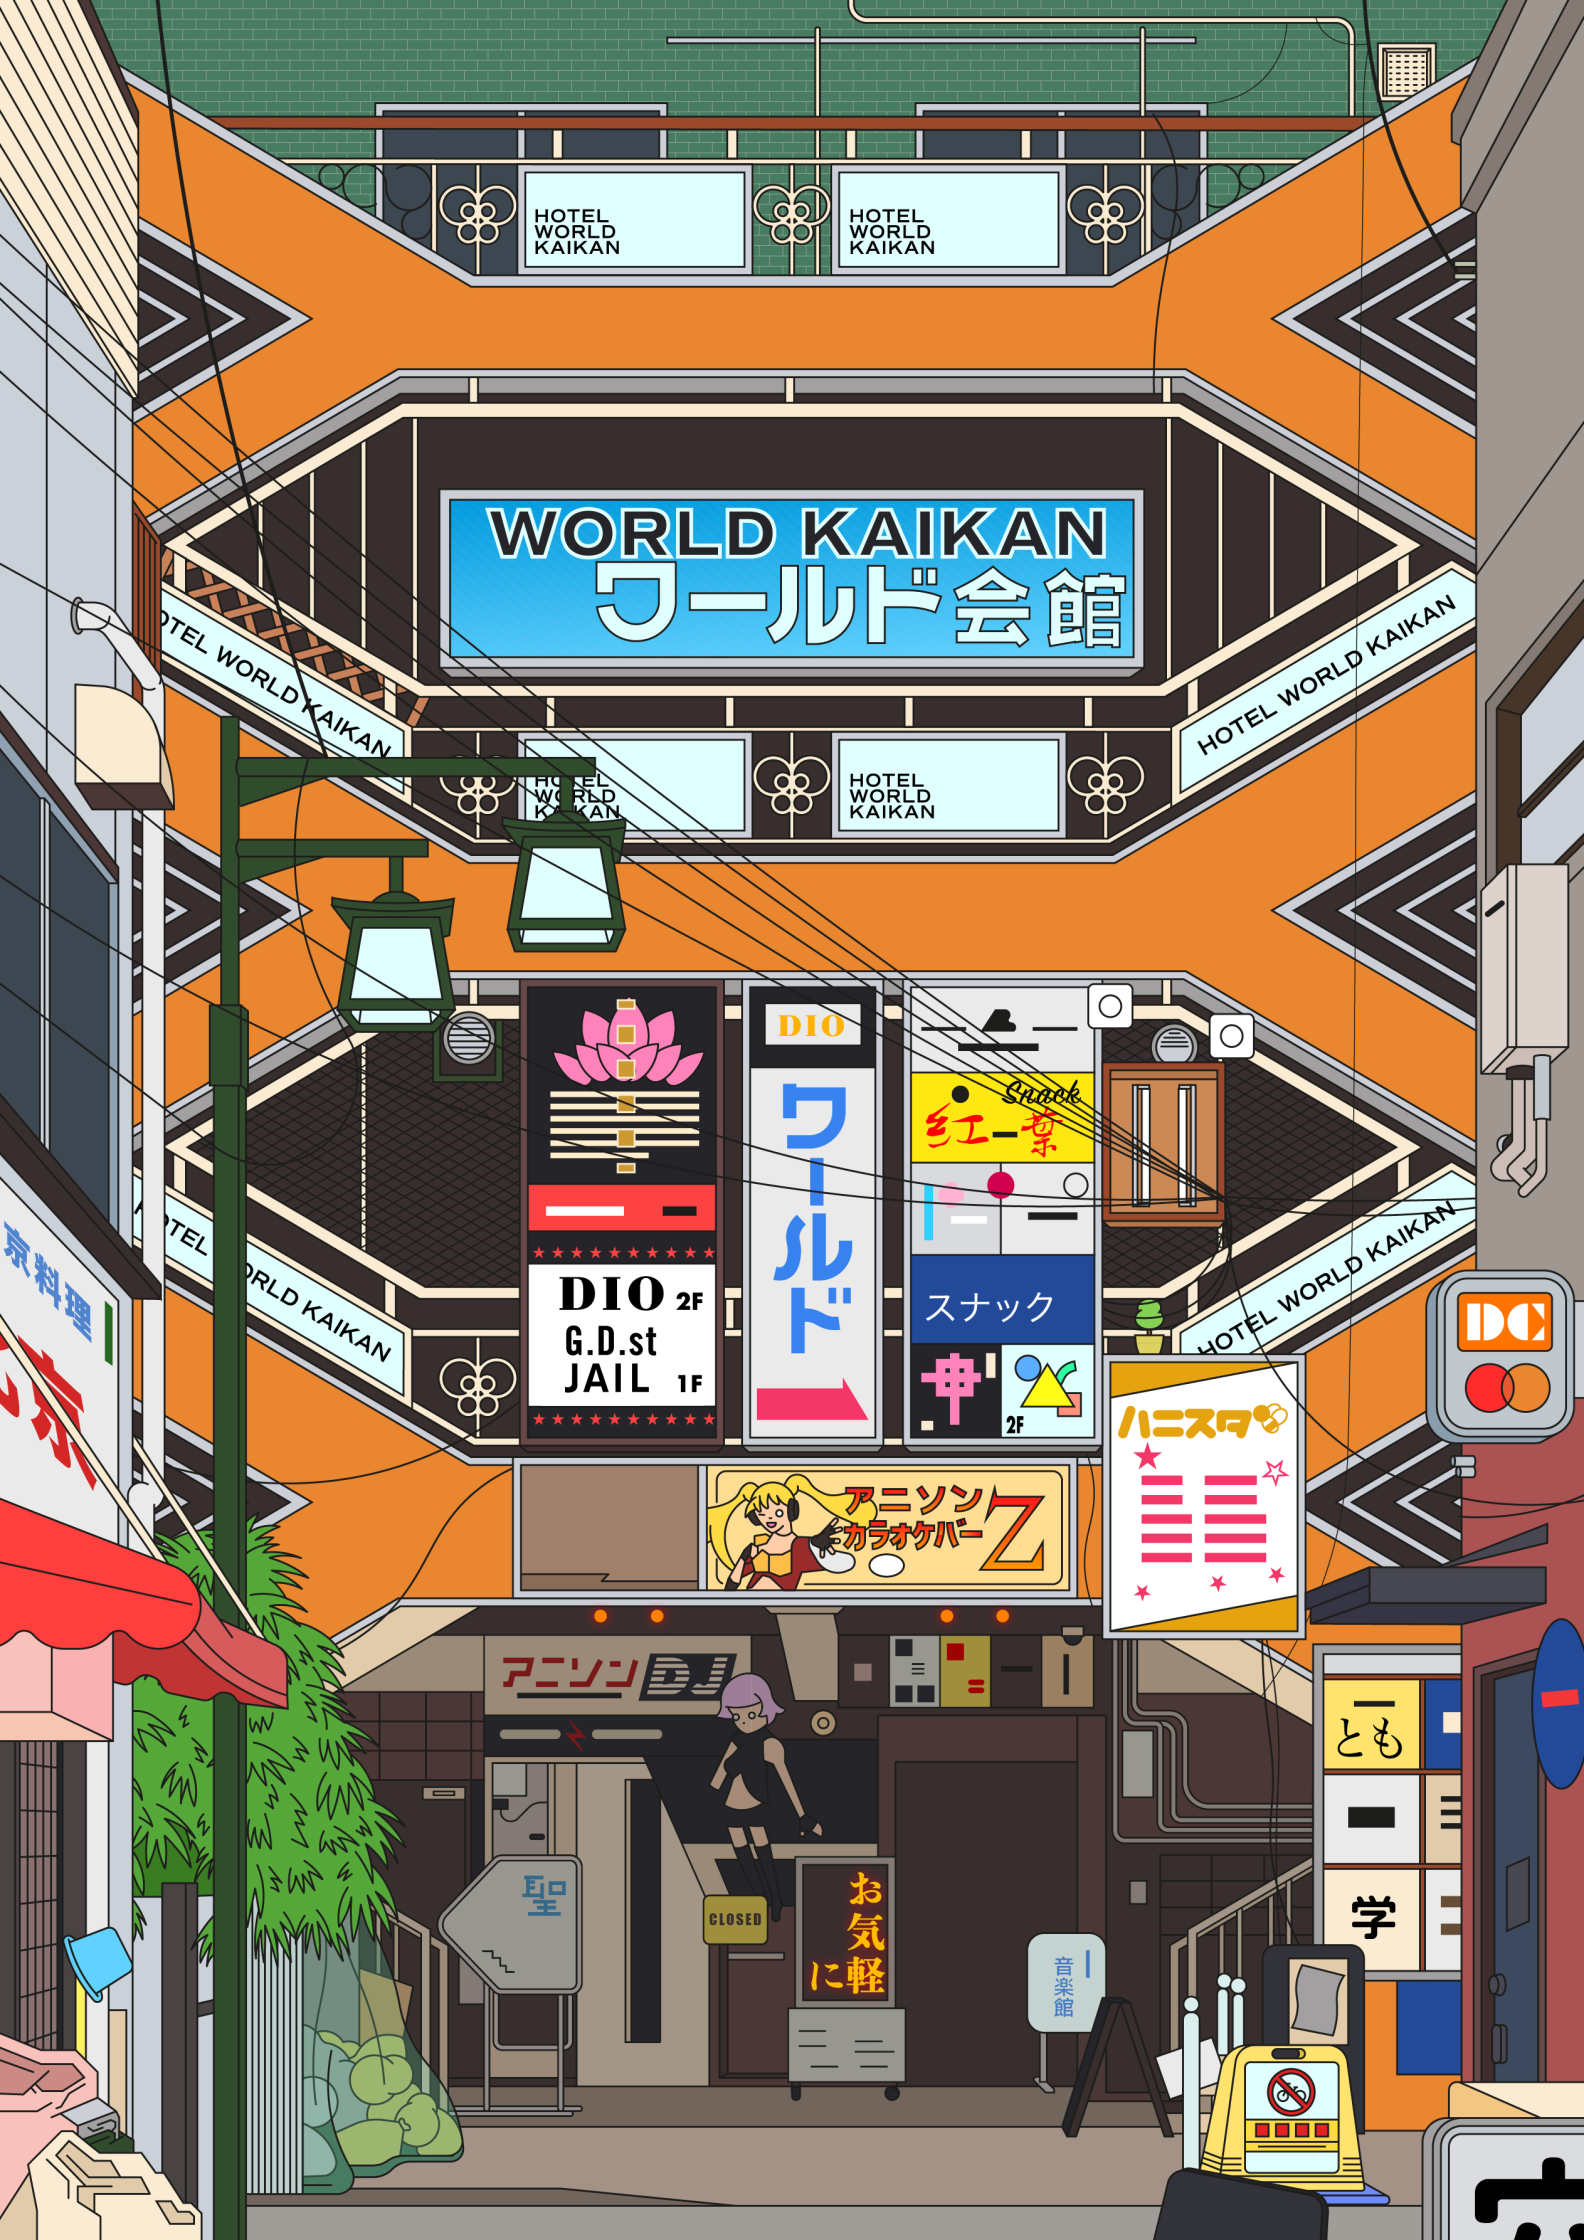 World Kaikan Hotel.jpg